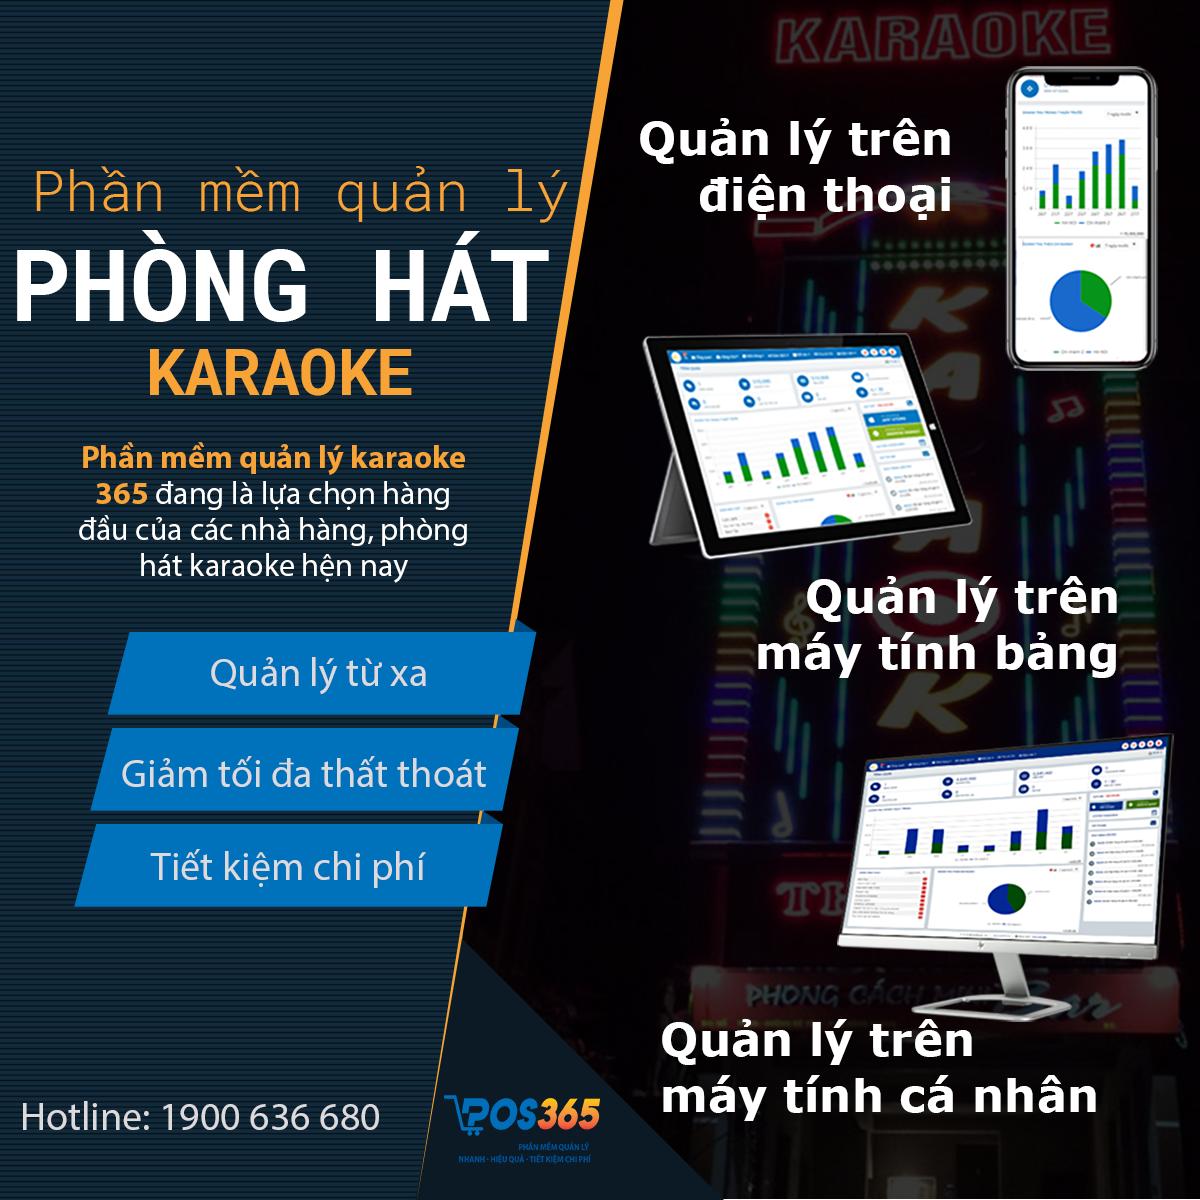 Những lý do quý khách hàng nên lựa chọn phần mềm quản lý karaoke POS 365